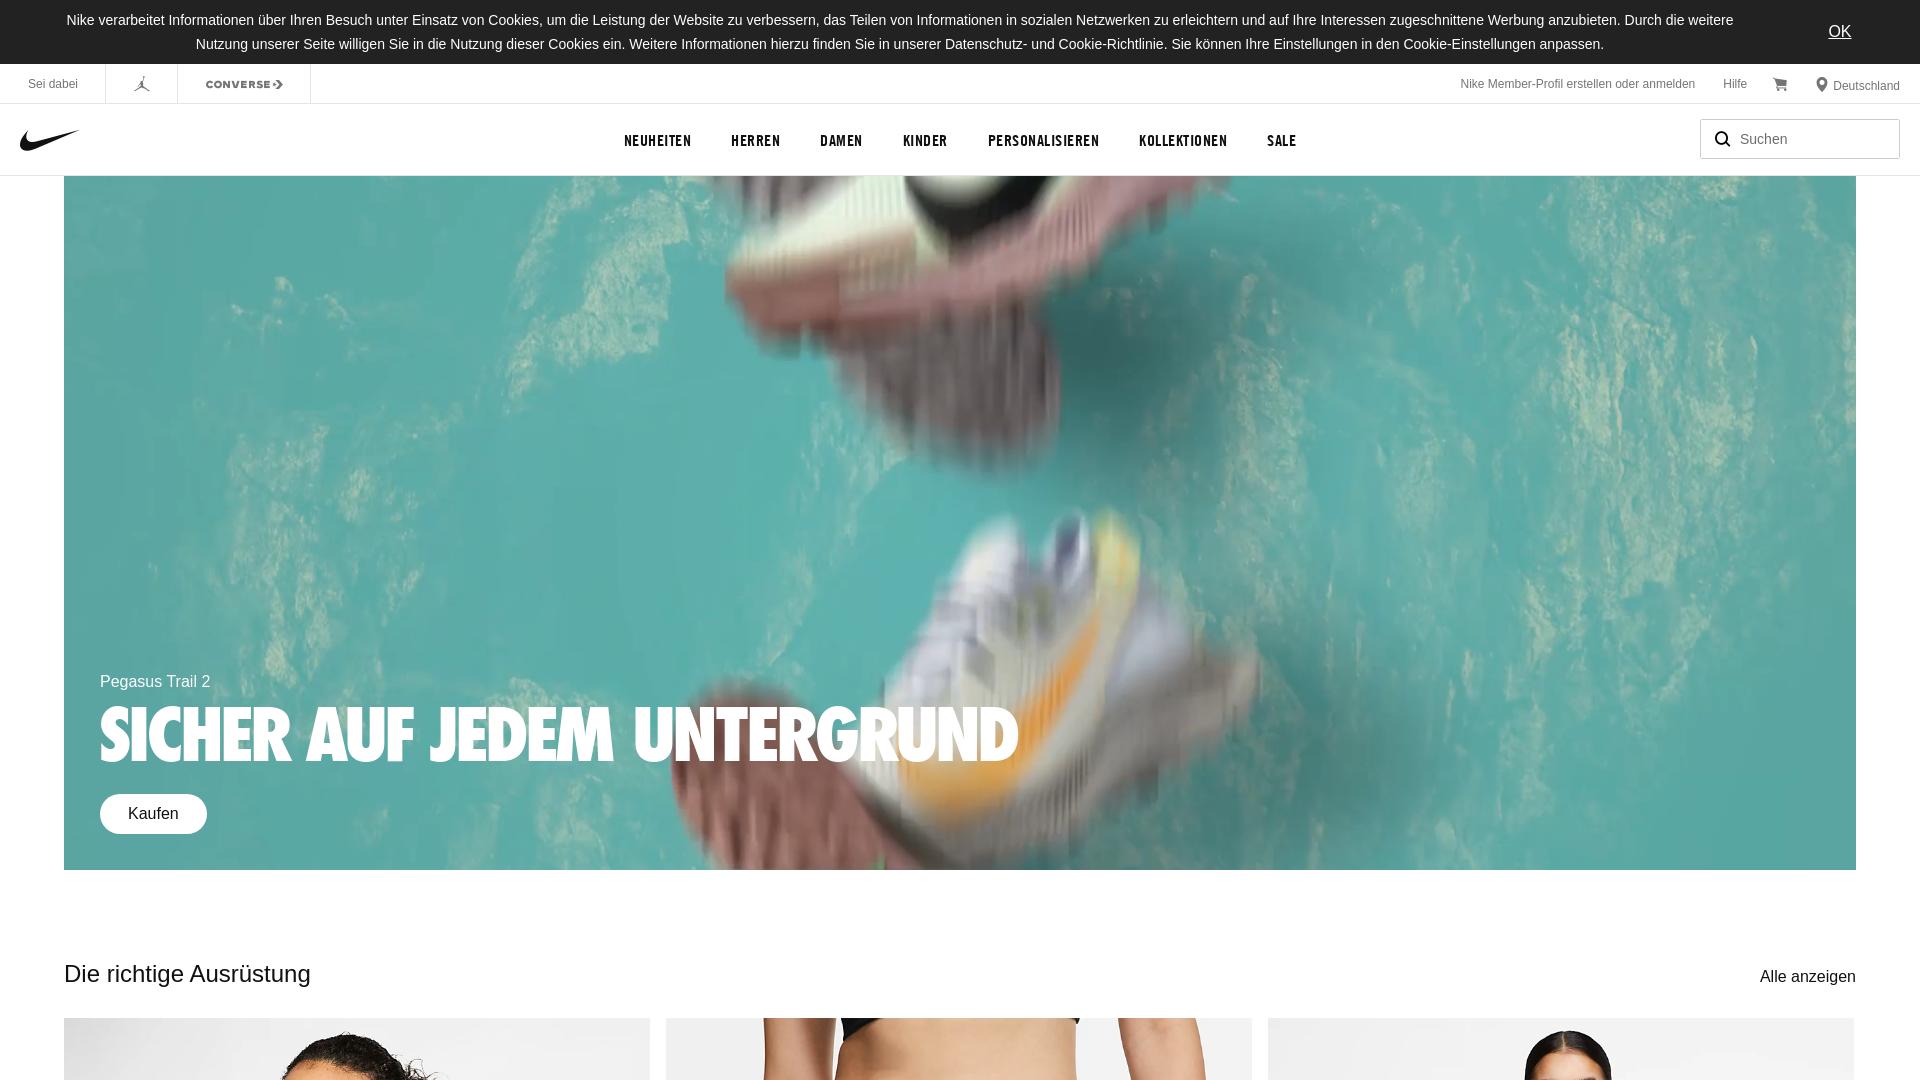 Nike APAC / CPS website